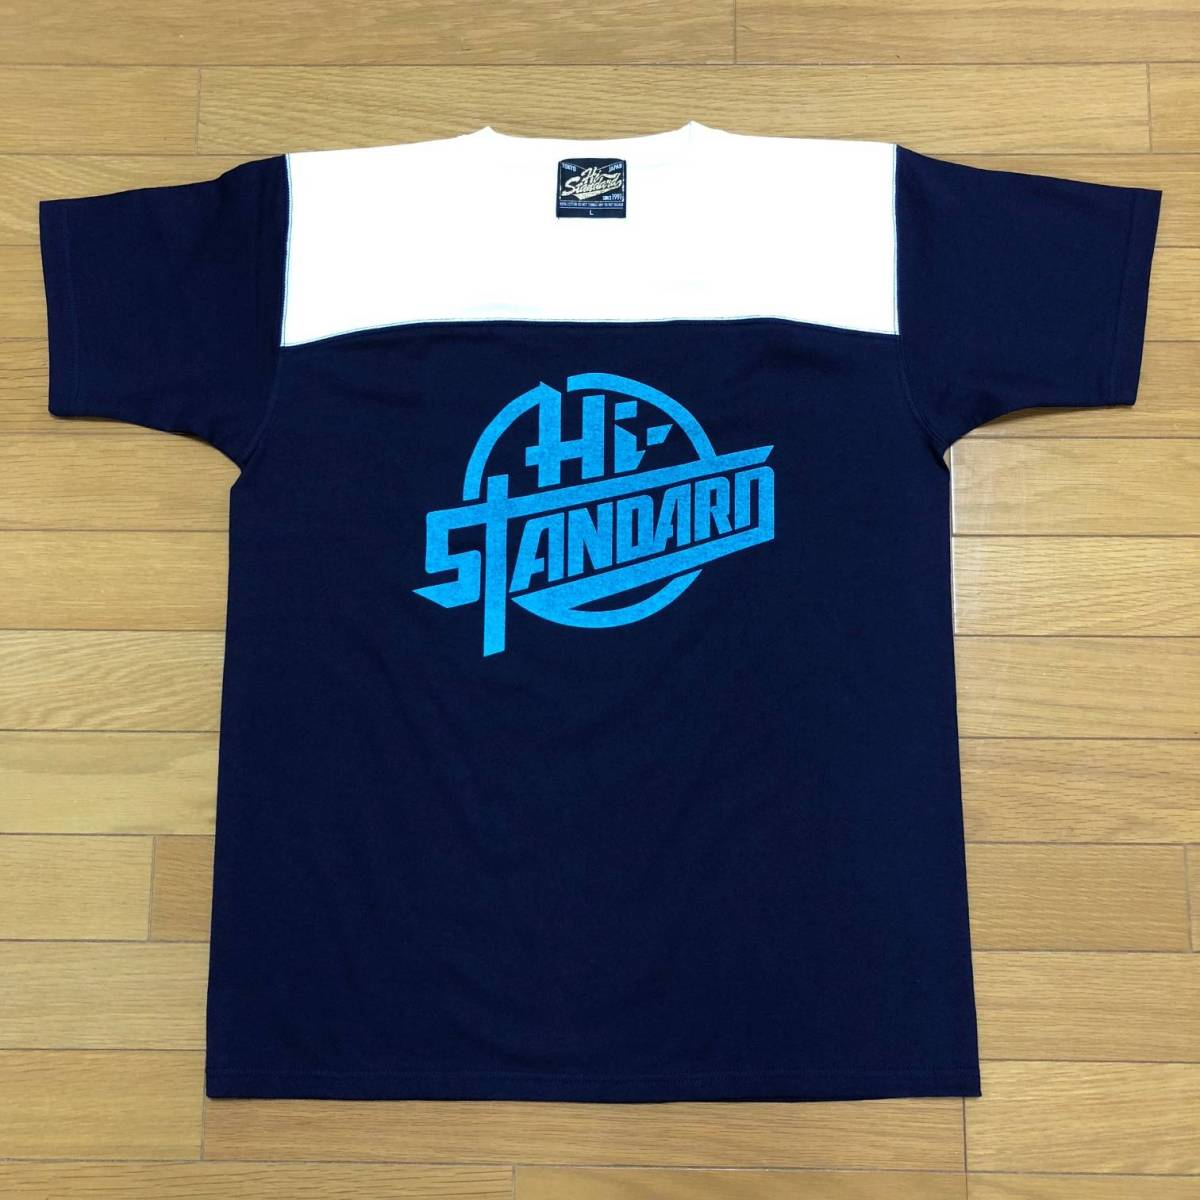 【新品】Hi-STANDARD THE GIFT TOUR CIRCLE FOOTBALL TEE Lサイズ 紺×白×水色 ハイスタ・ハイスタンダード Tシャツ【送料込】 ライブグッズの画像